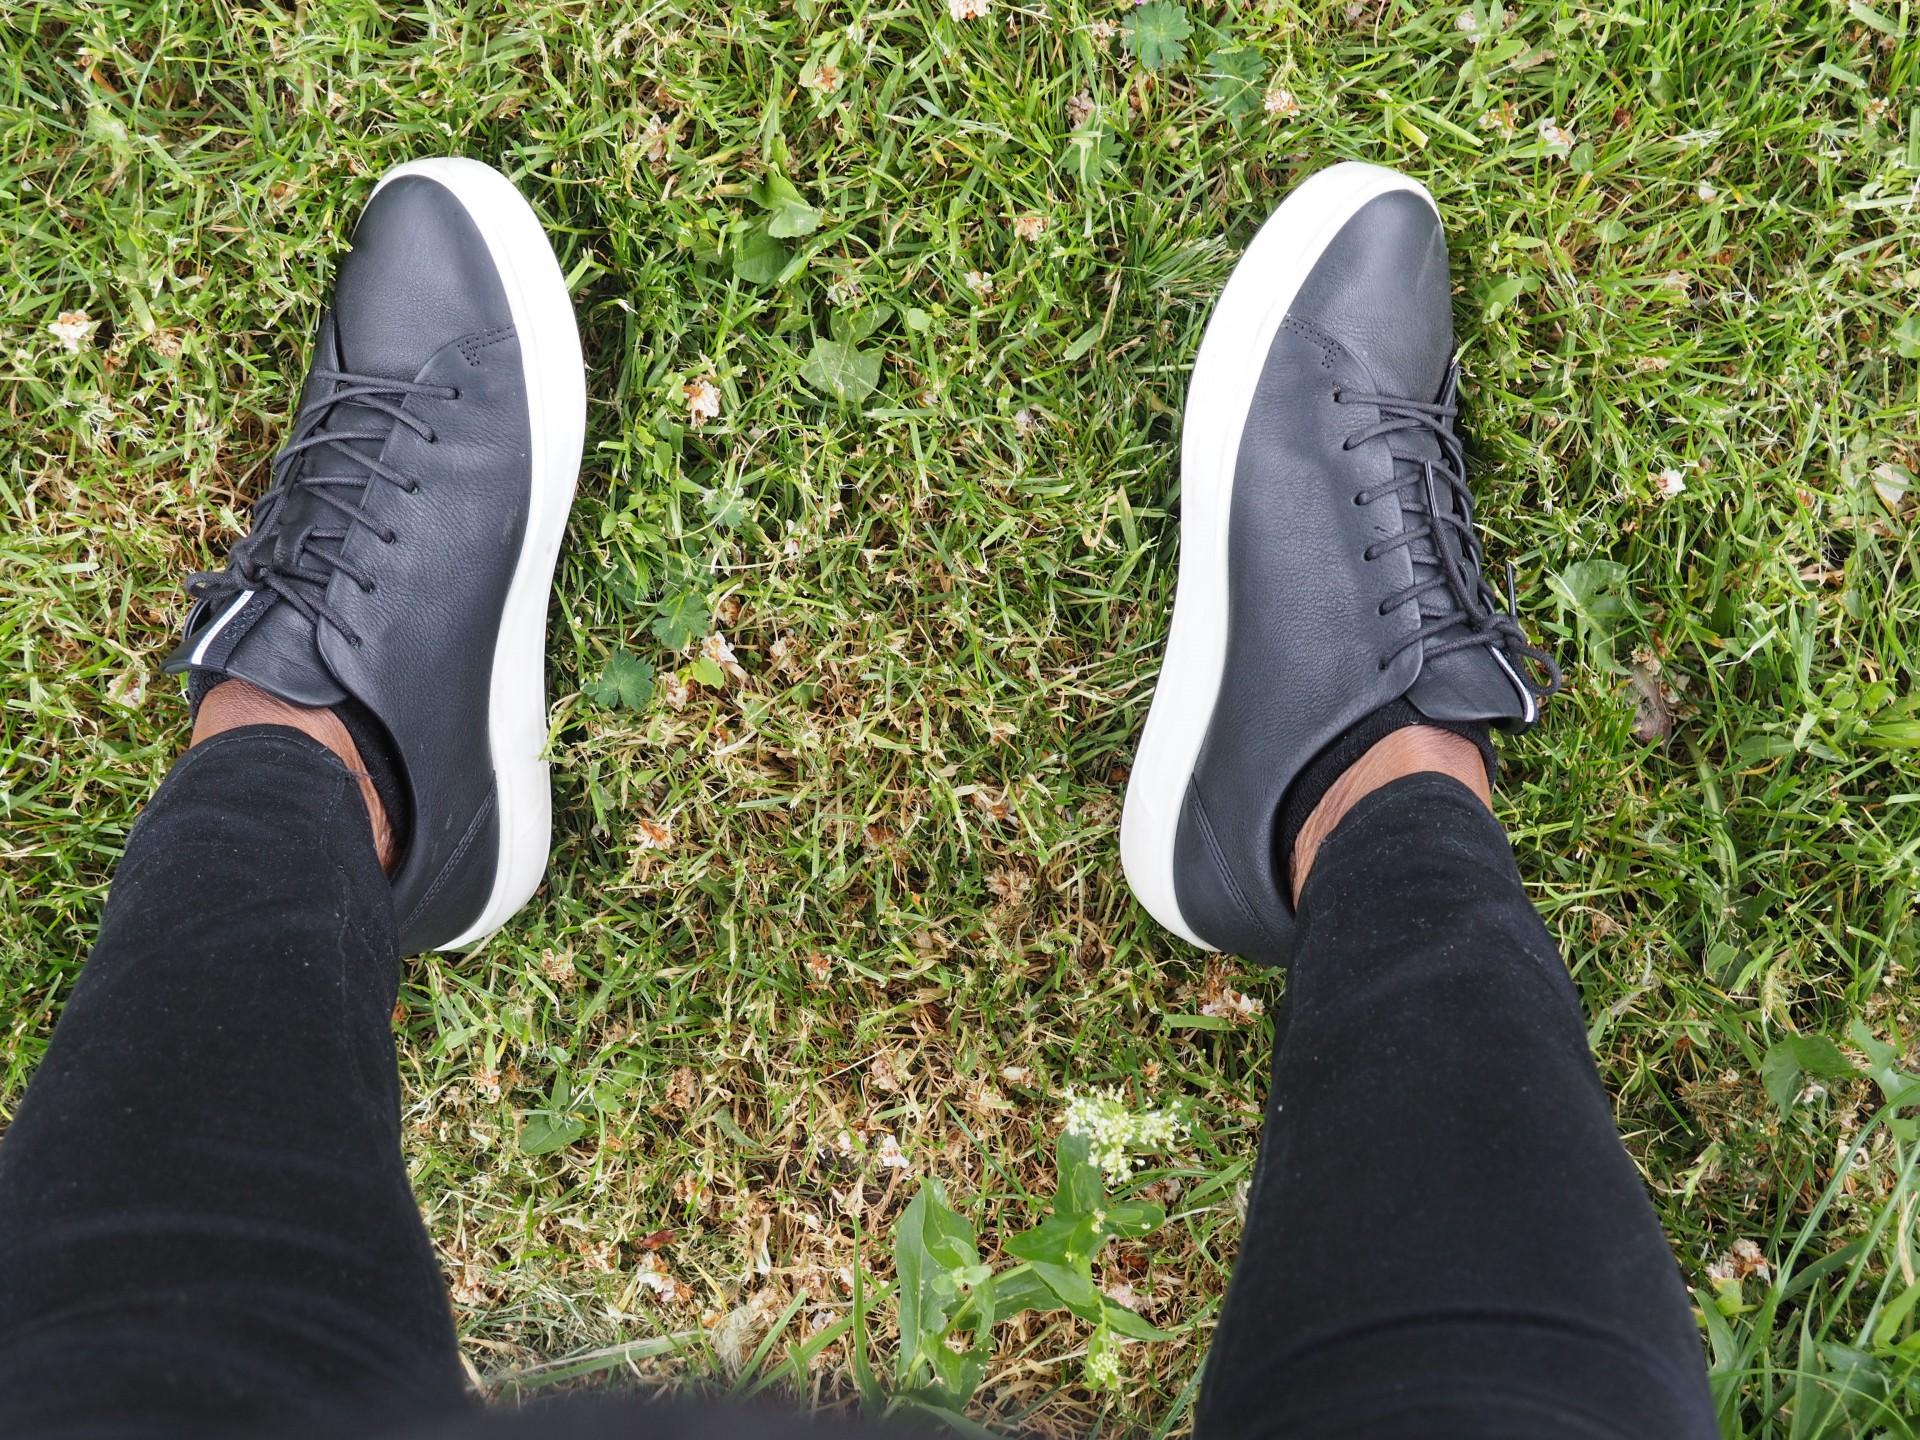 ecco, ecco shoes. ecco middelburg